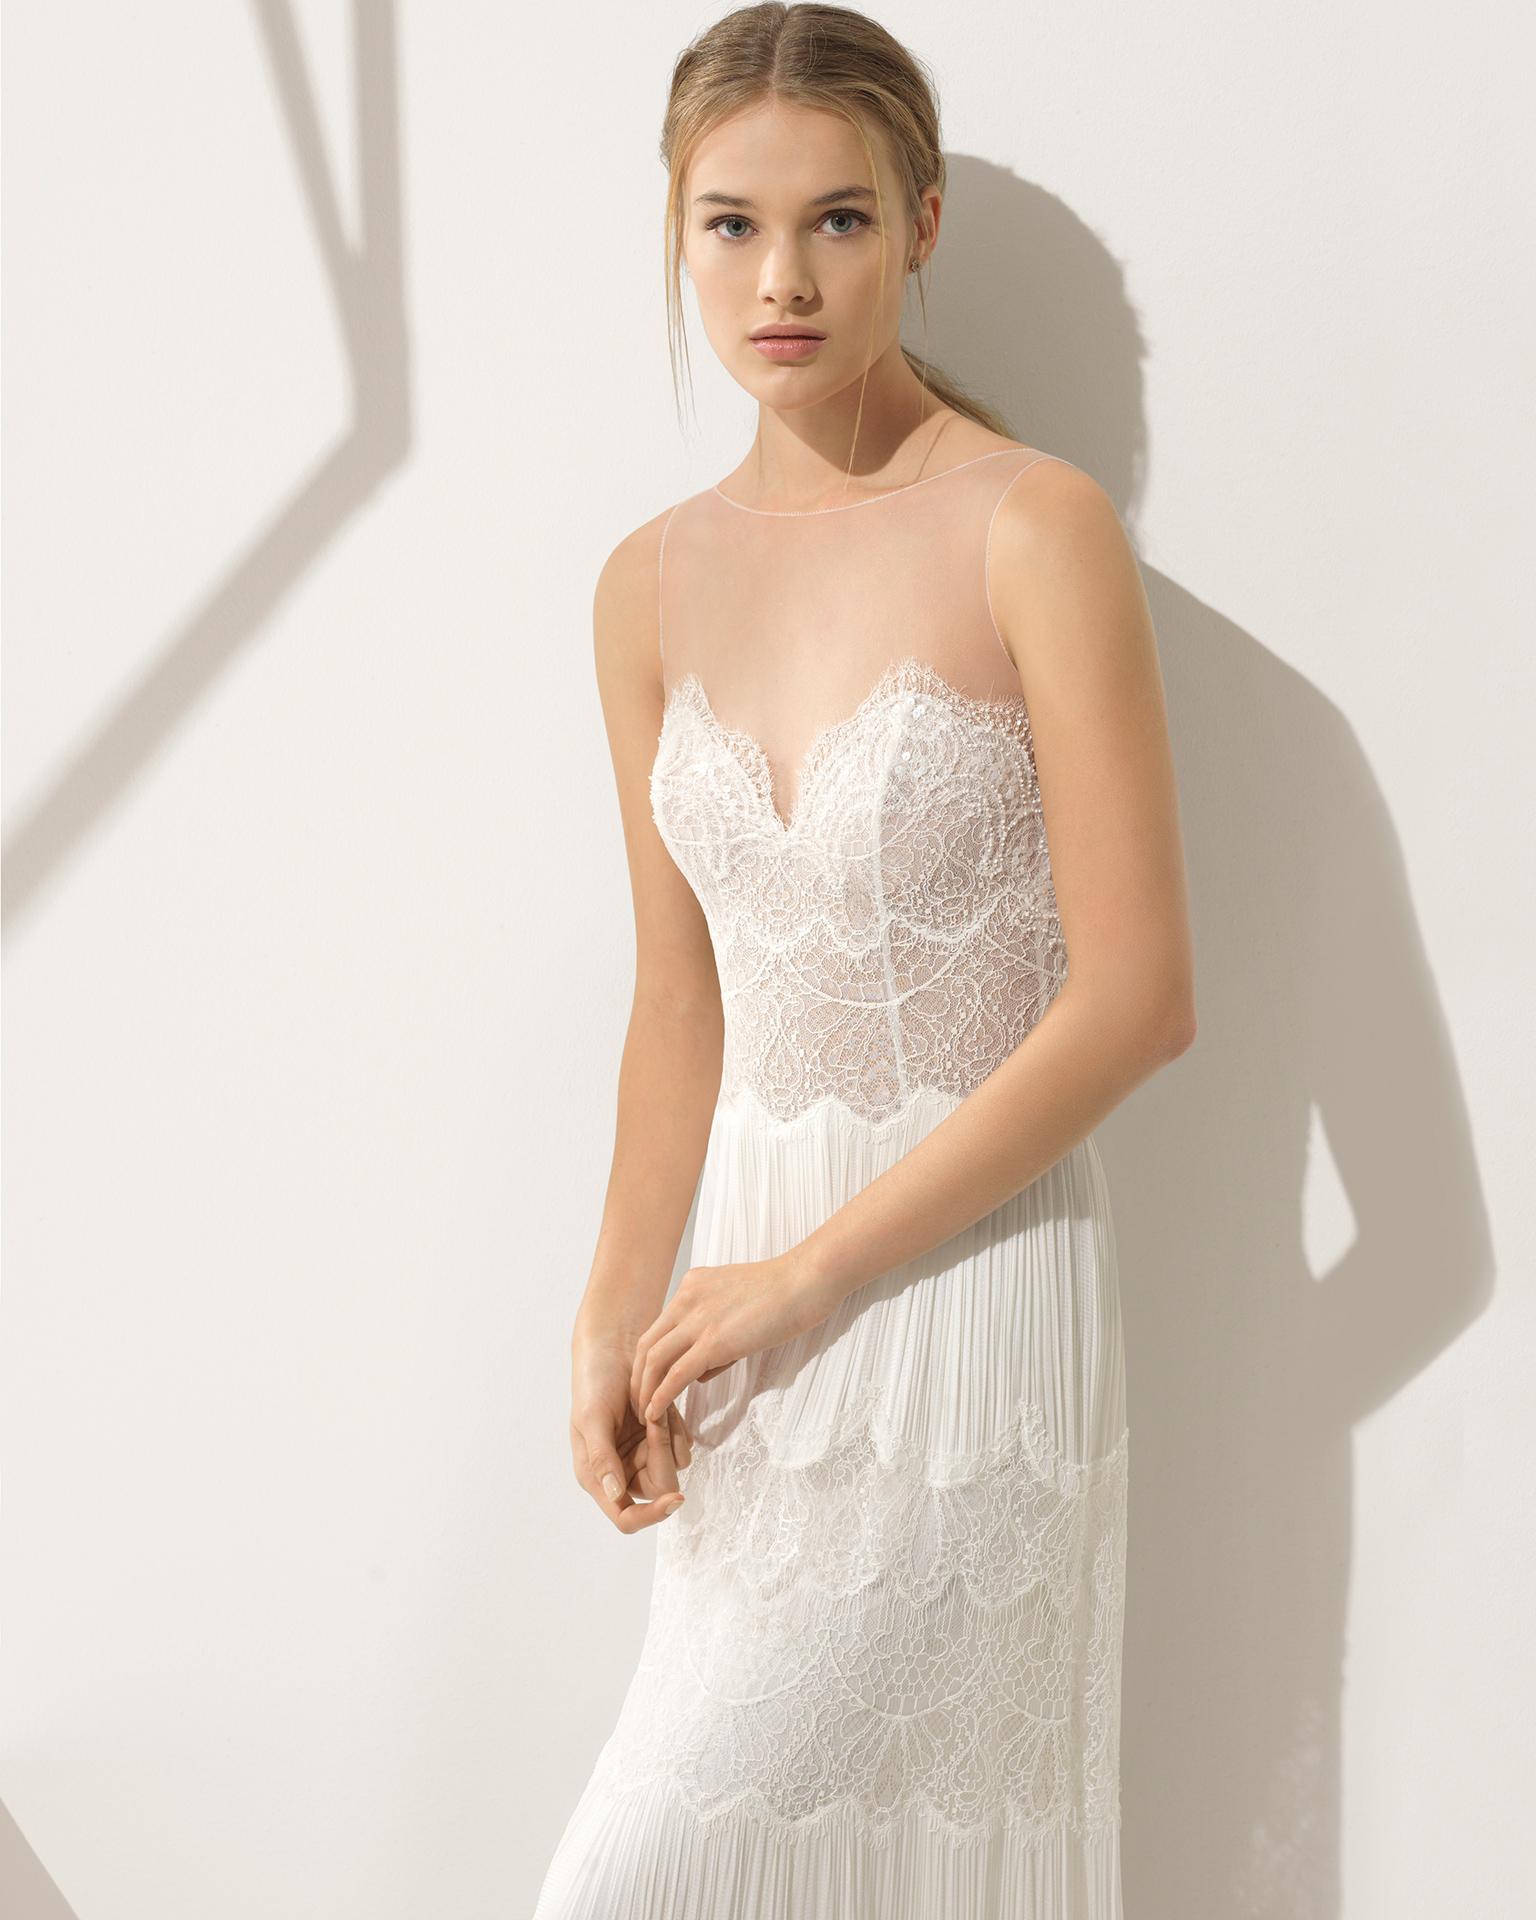 Vestido de novia con chantilly